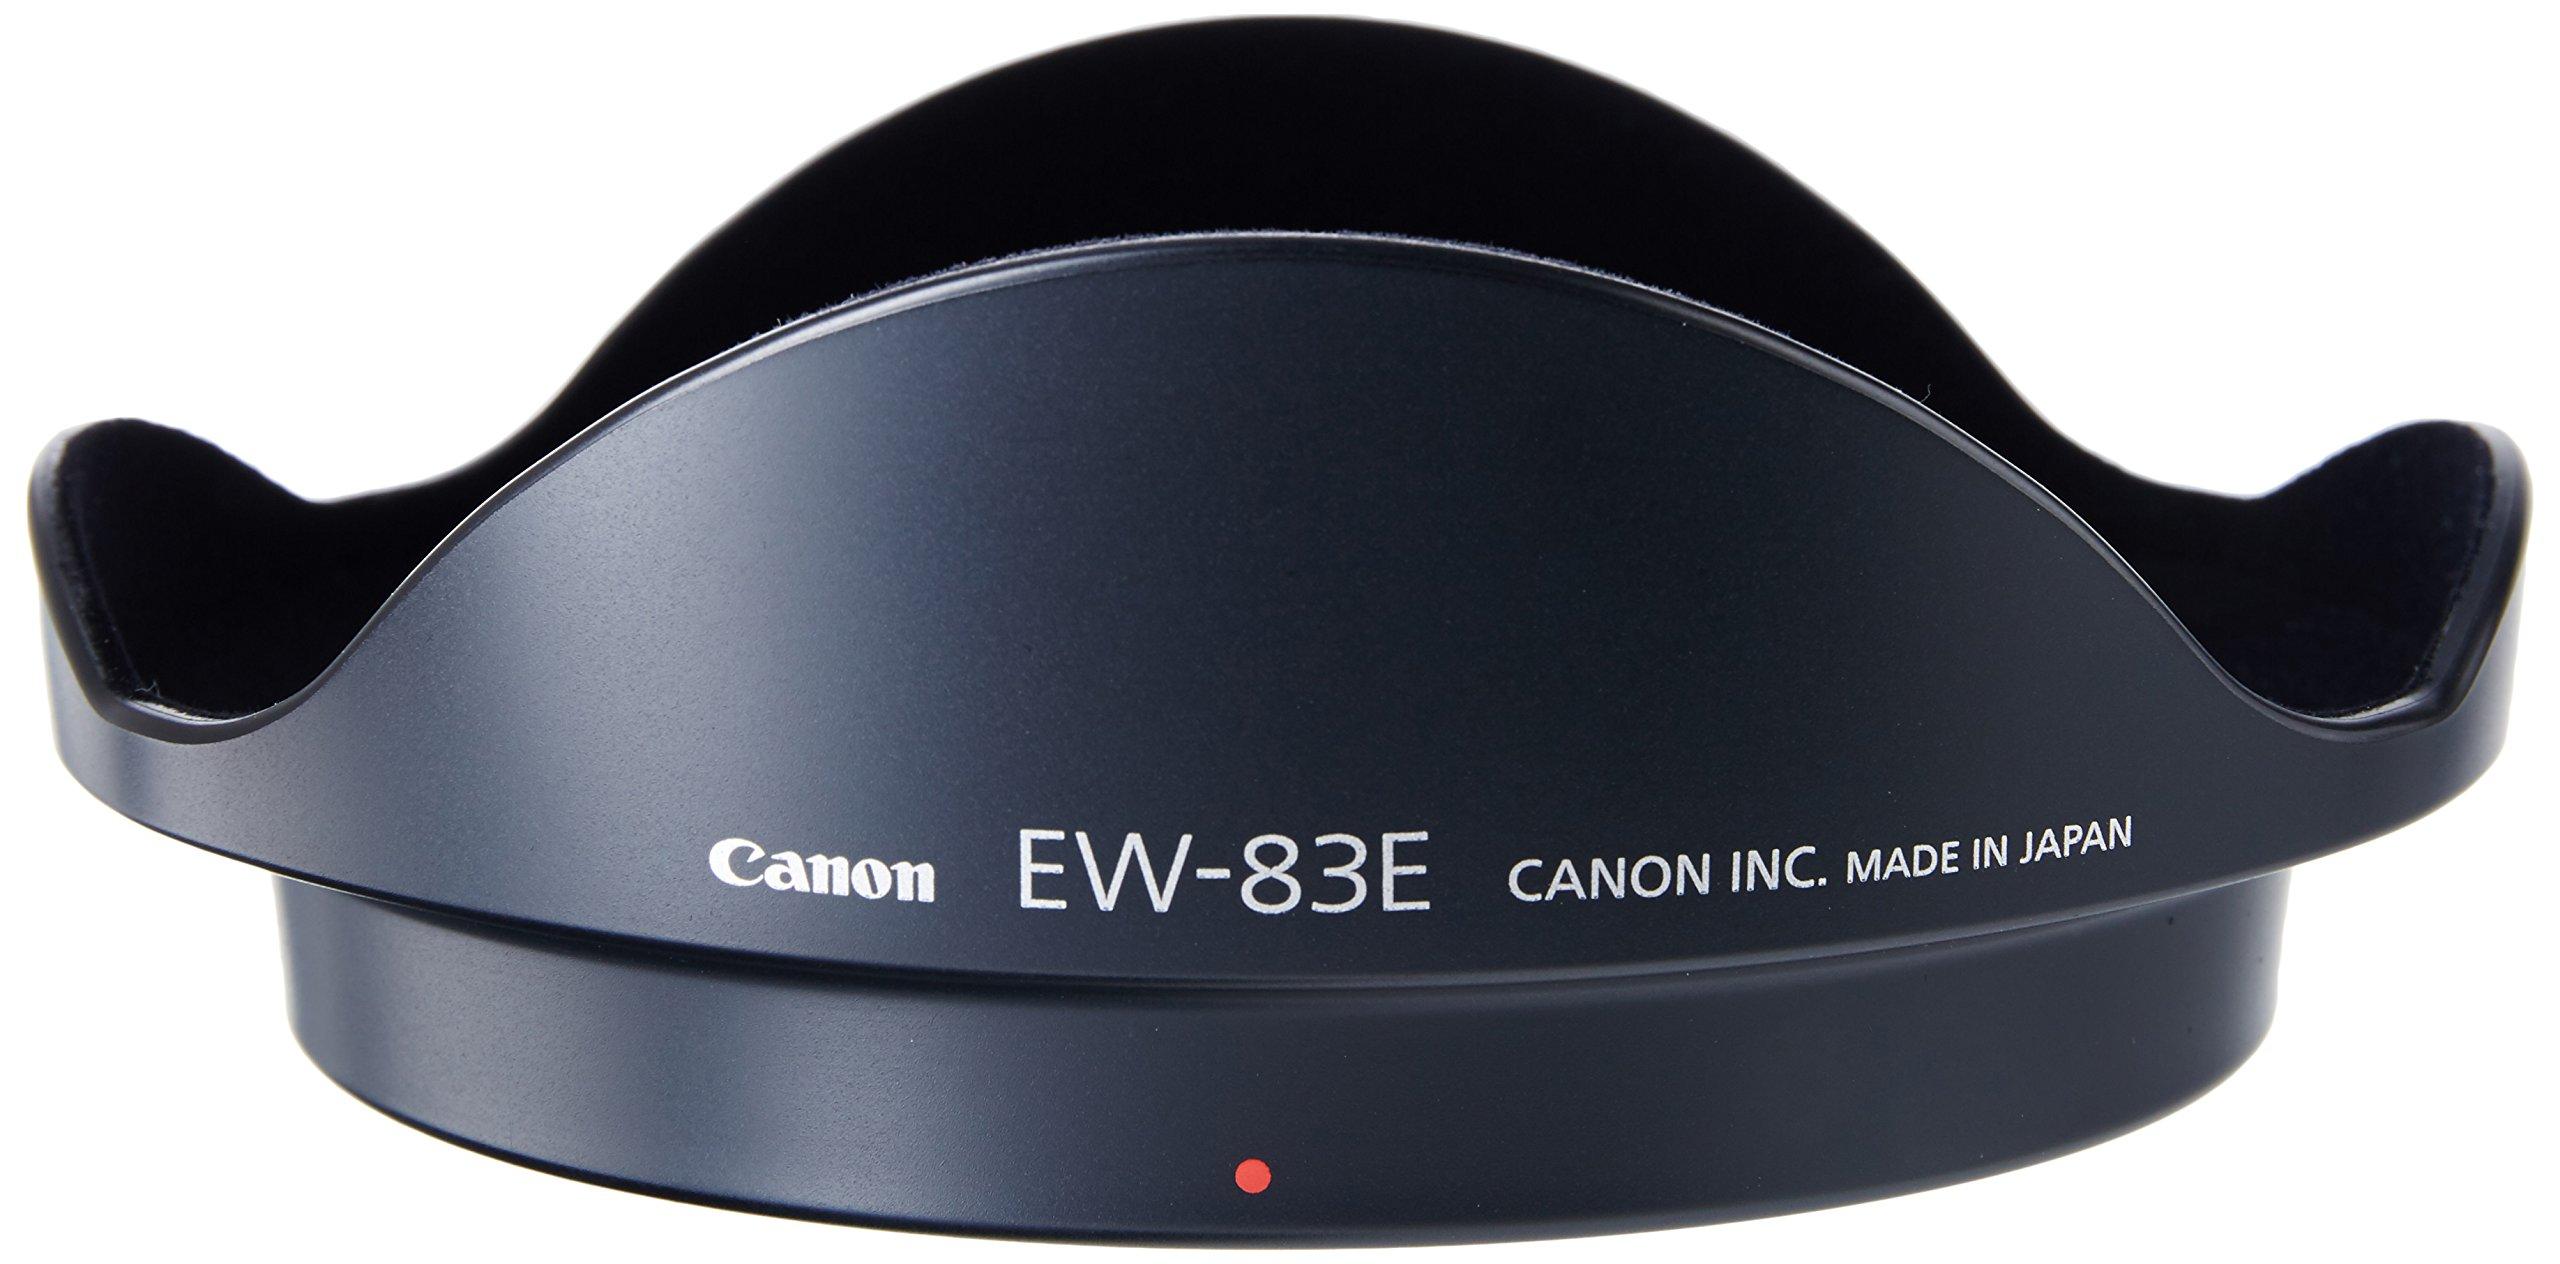 Canon EW83E Lens Hood for EF 16-35mm f/2.8L Canon SLR Lens